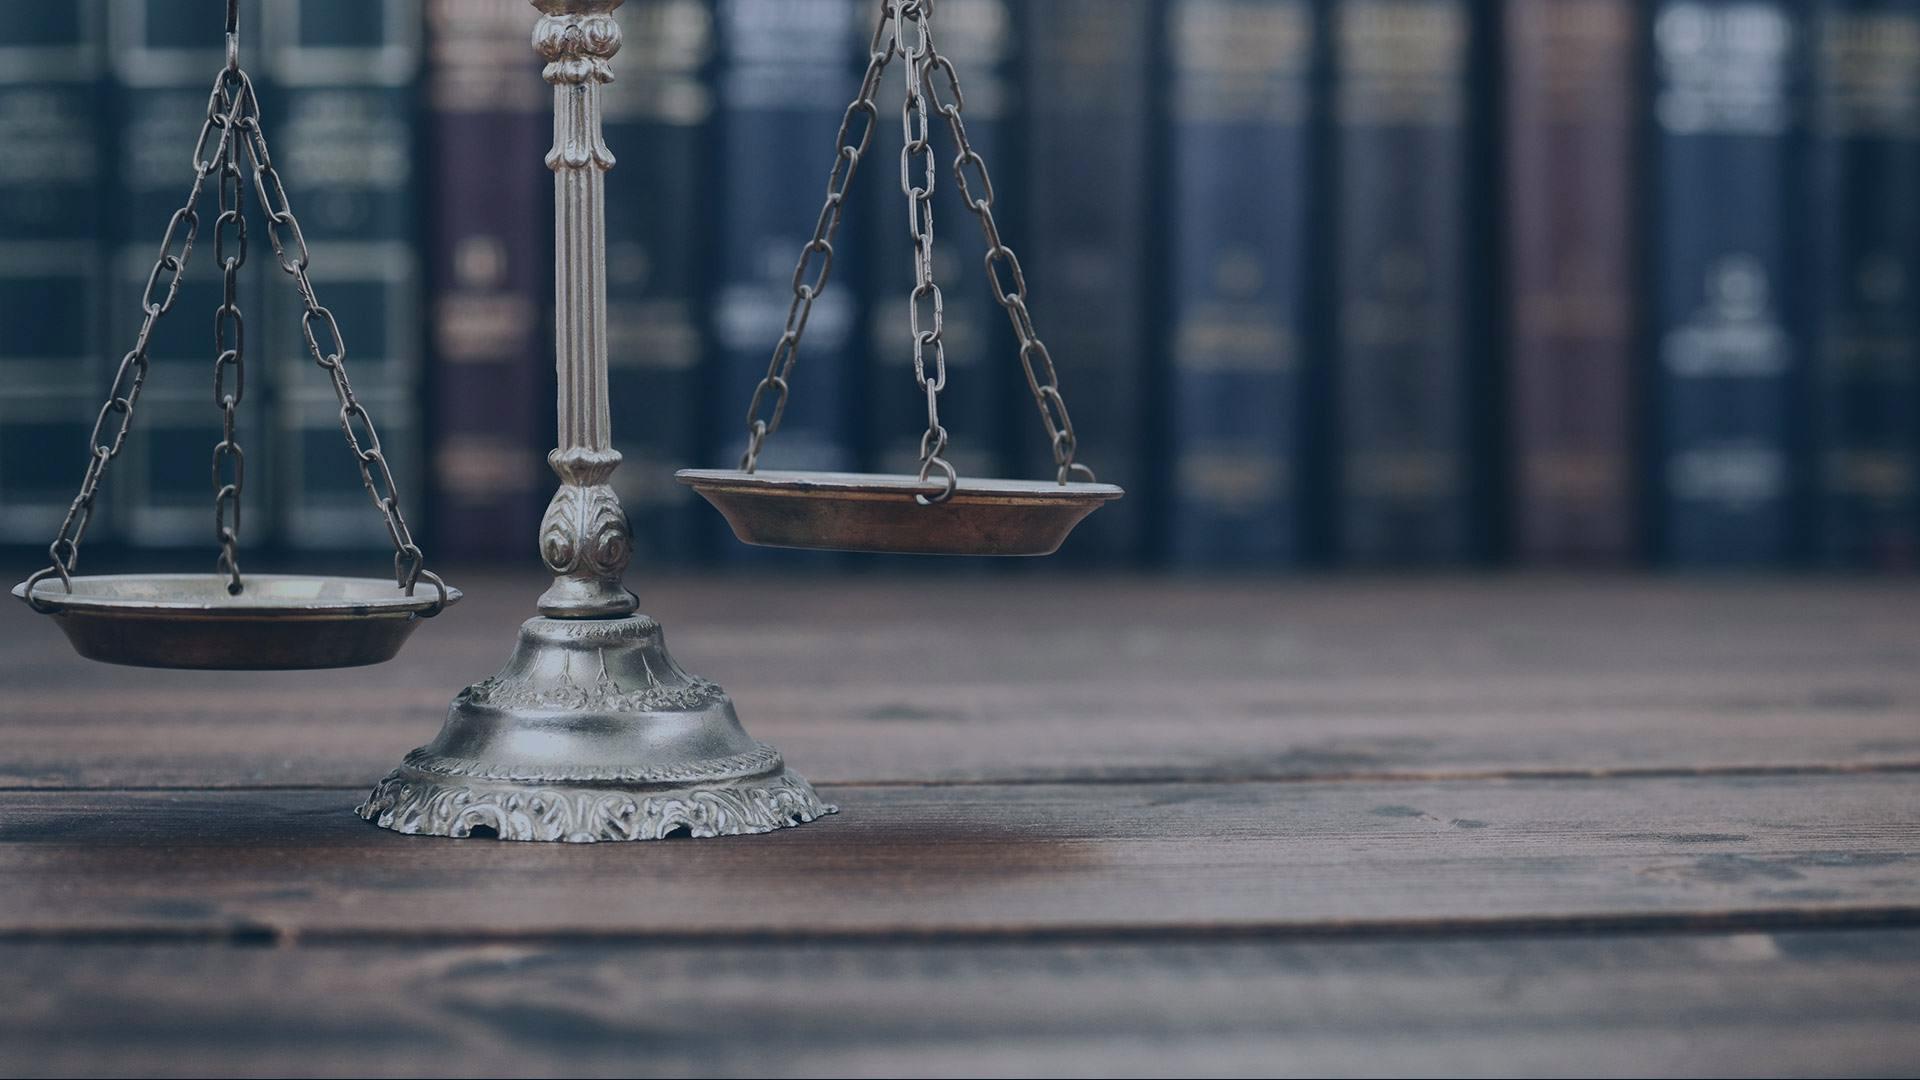 law-bg-2-psd